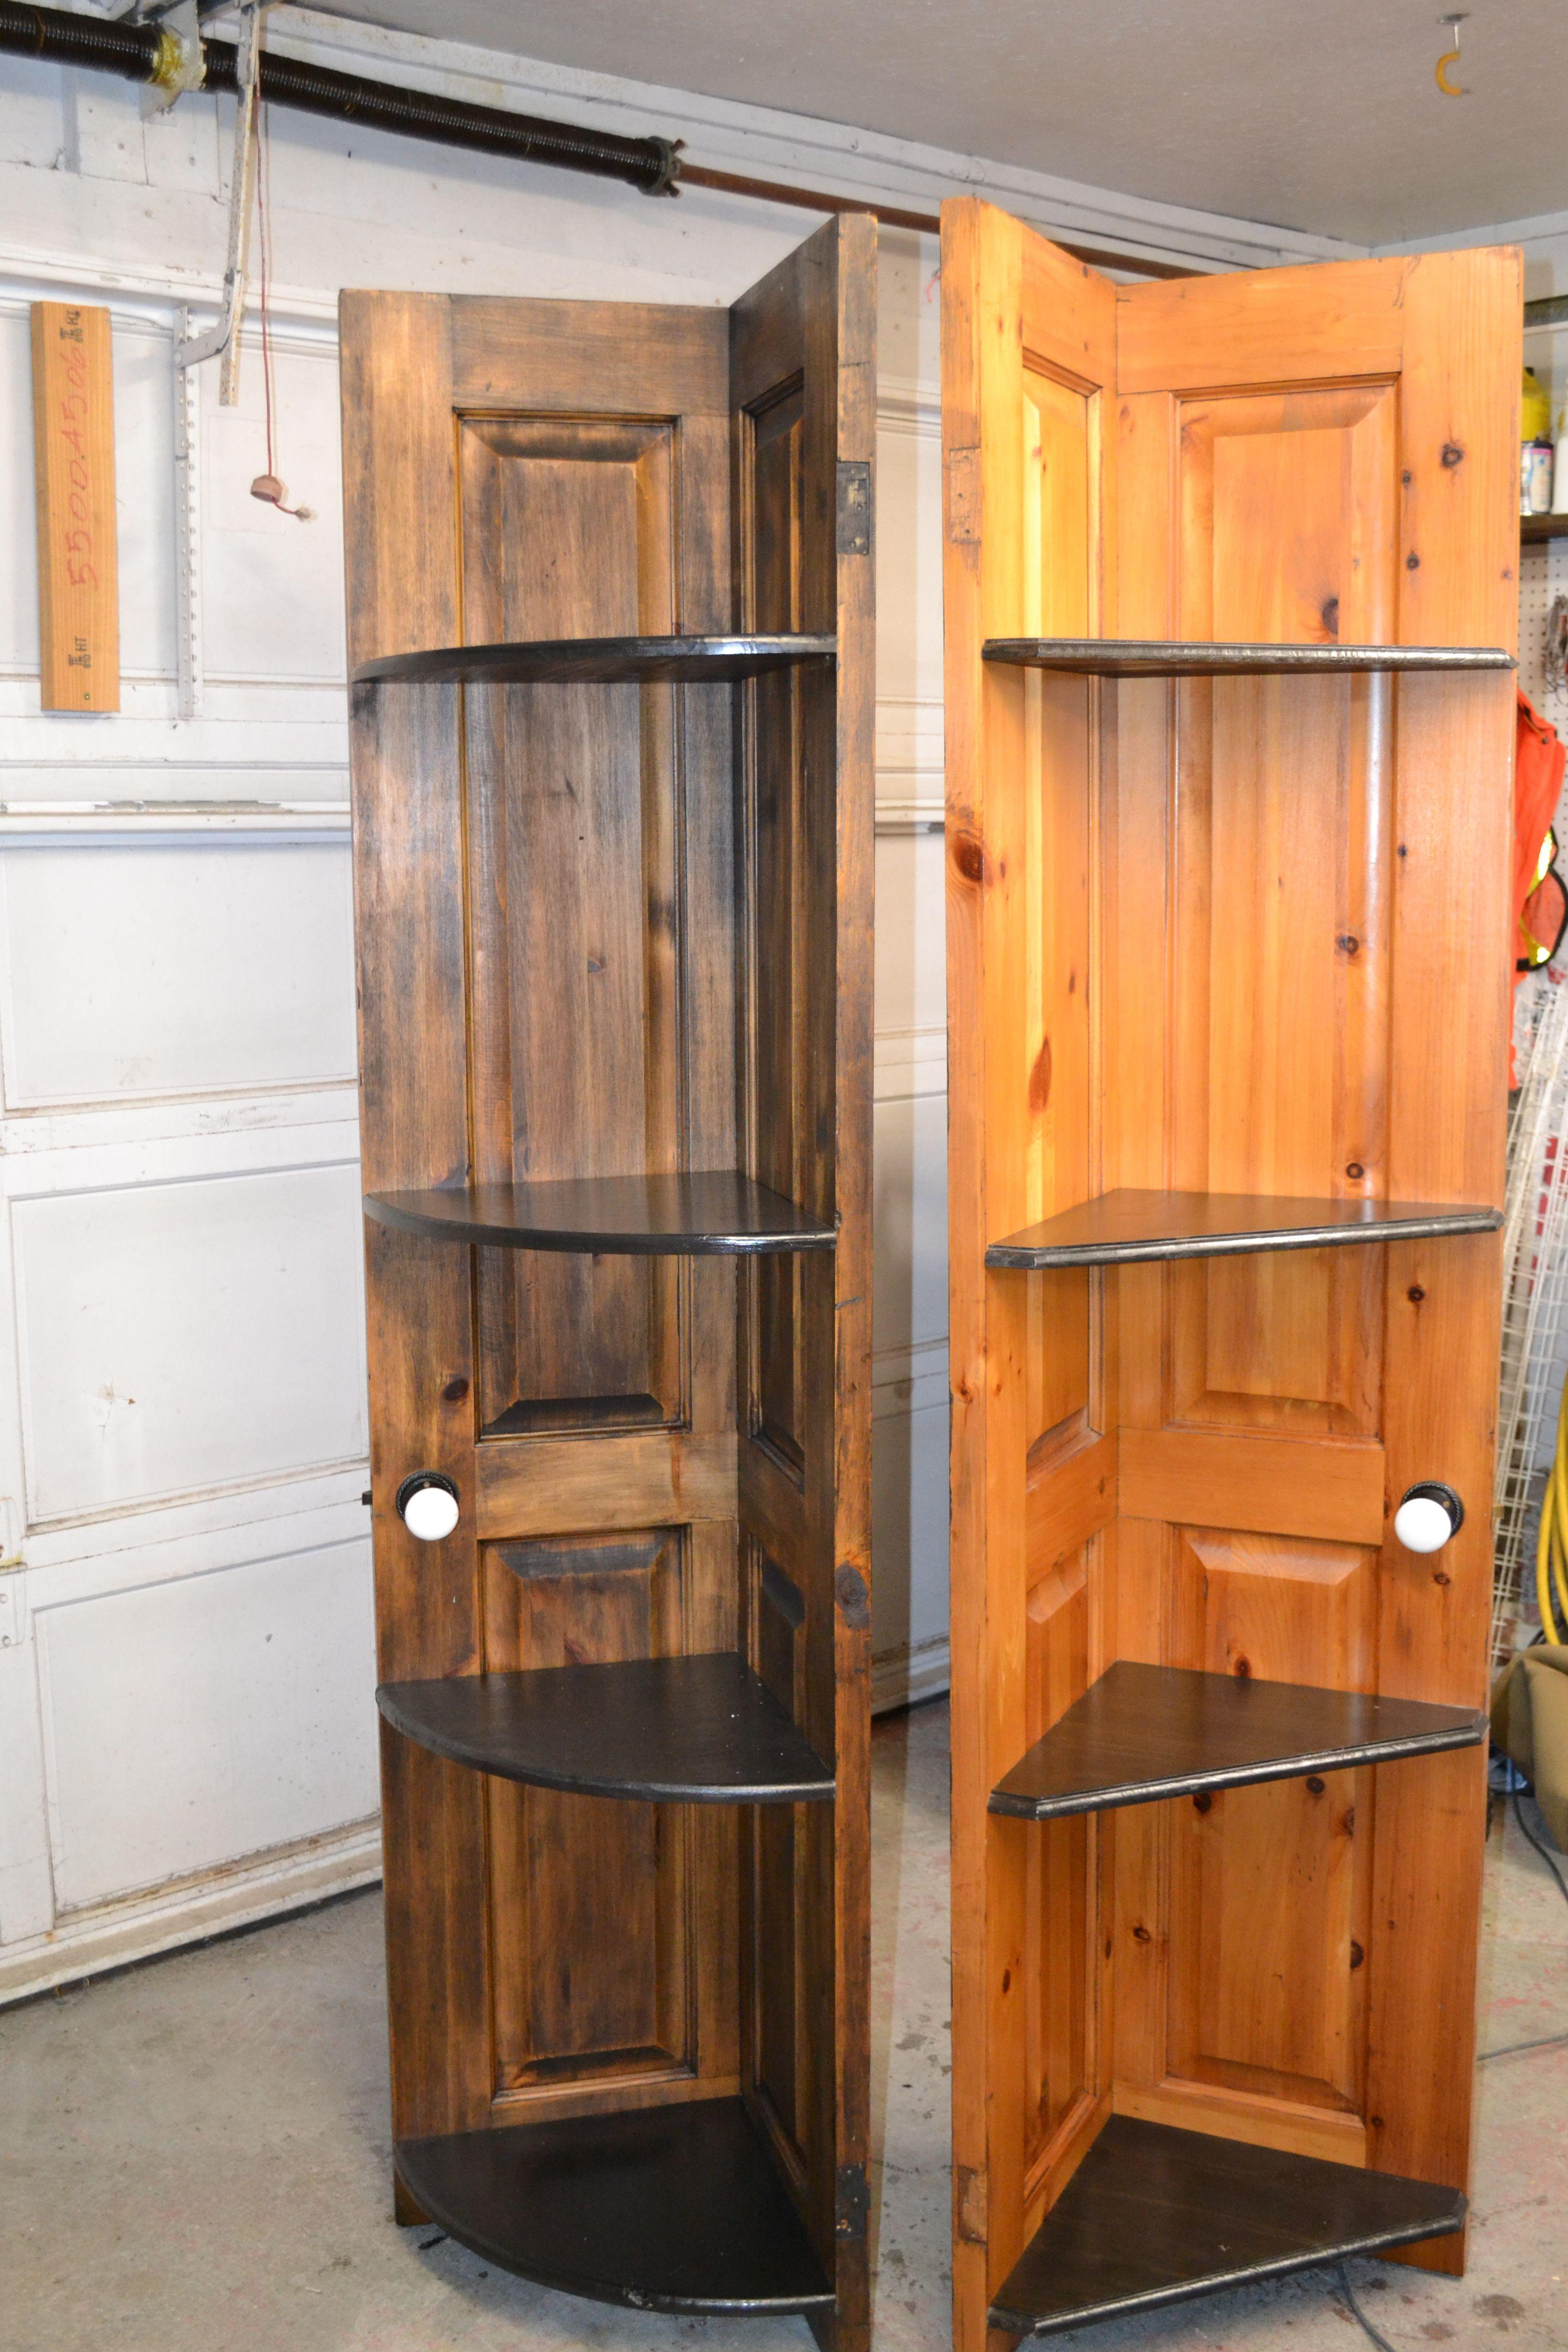 Corner Shelves Made From Old Doors Old Doors Shelves Door